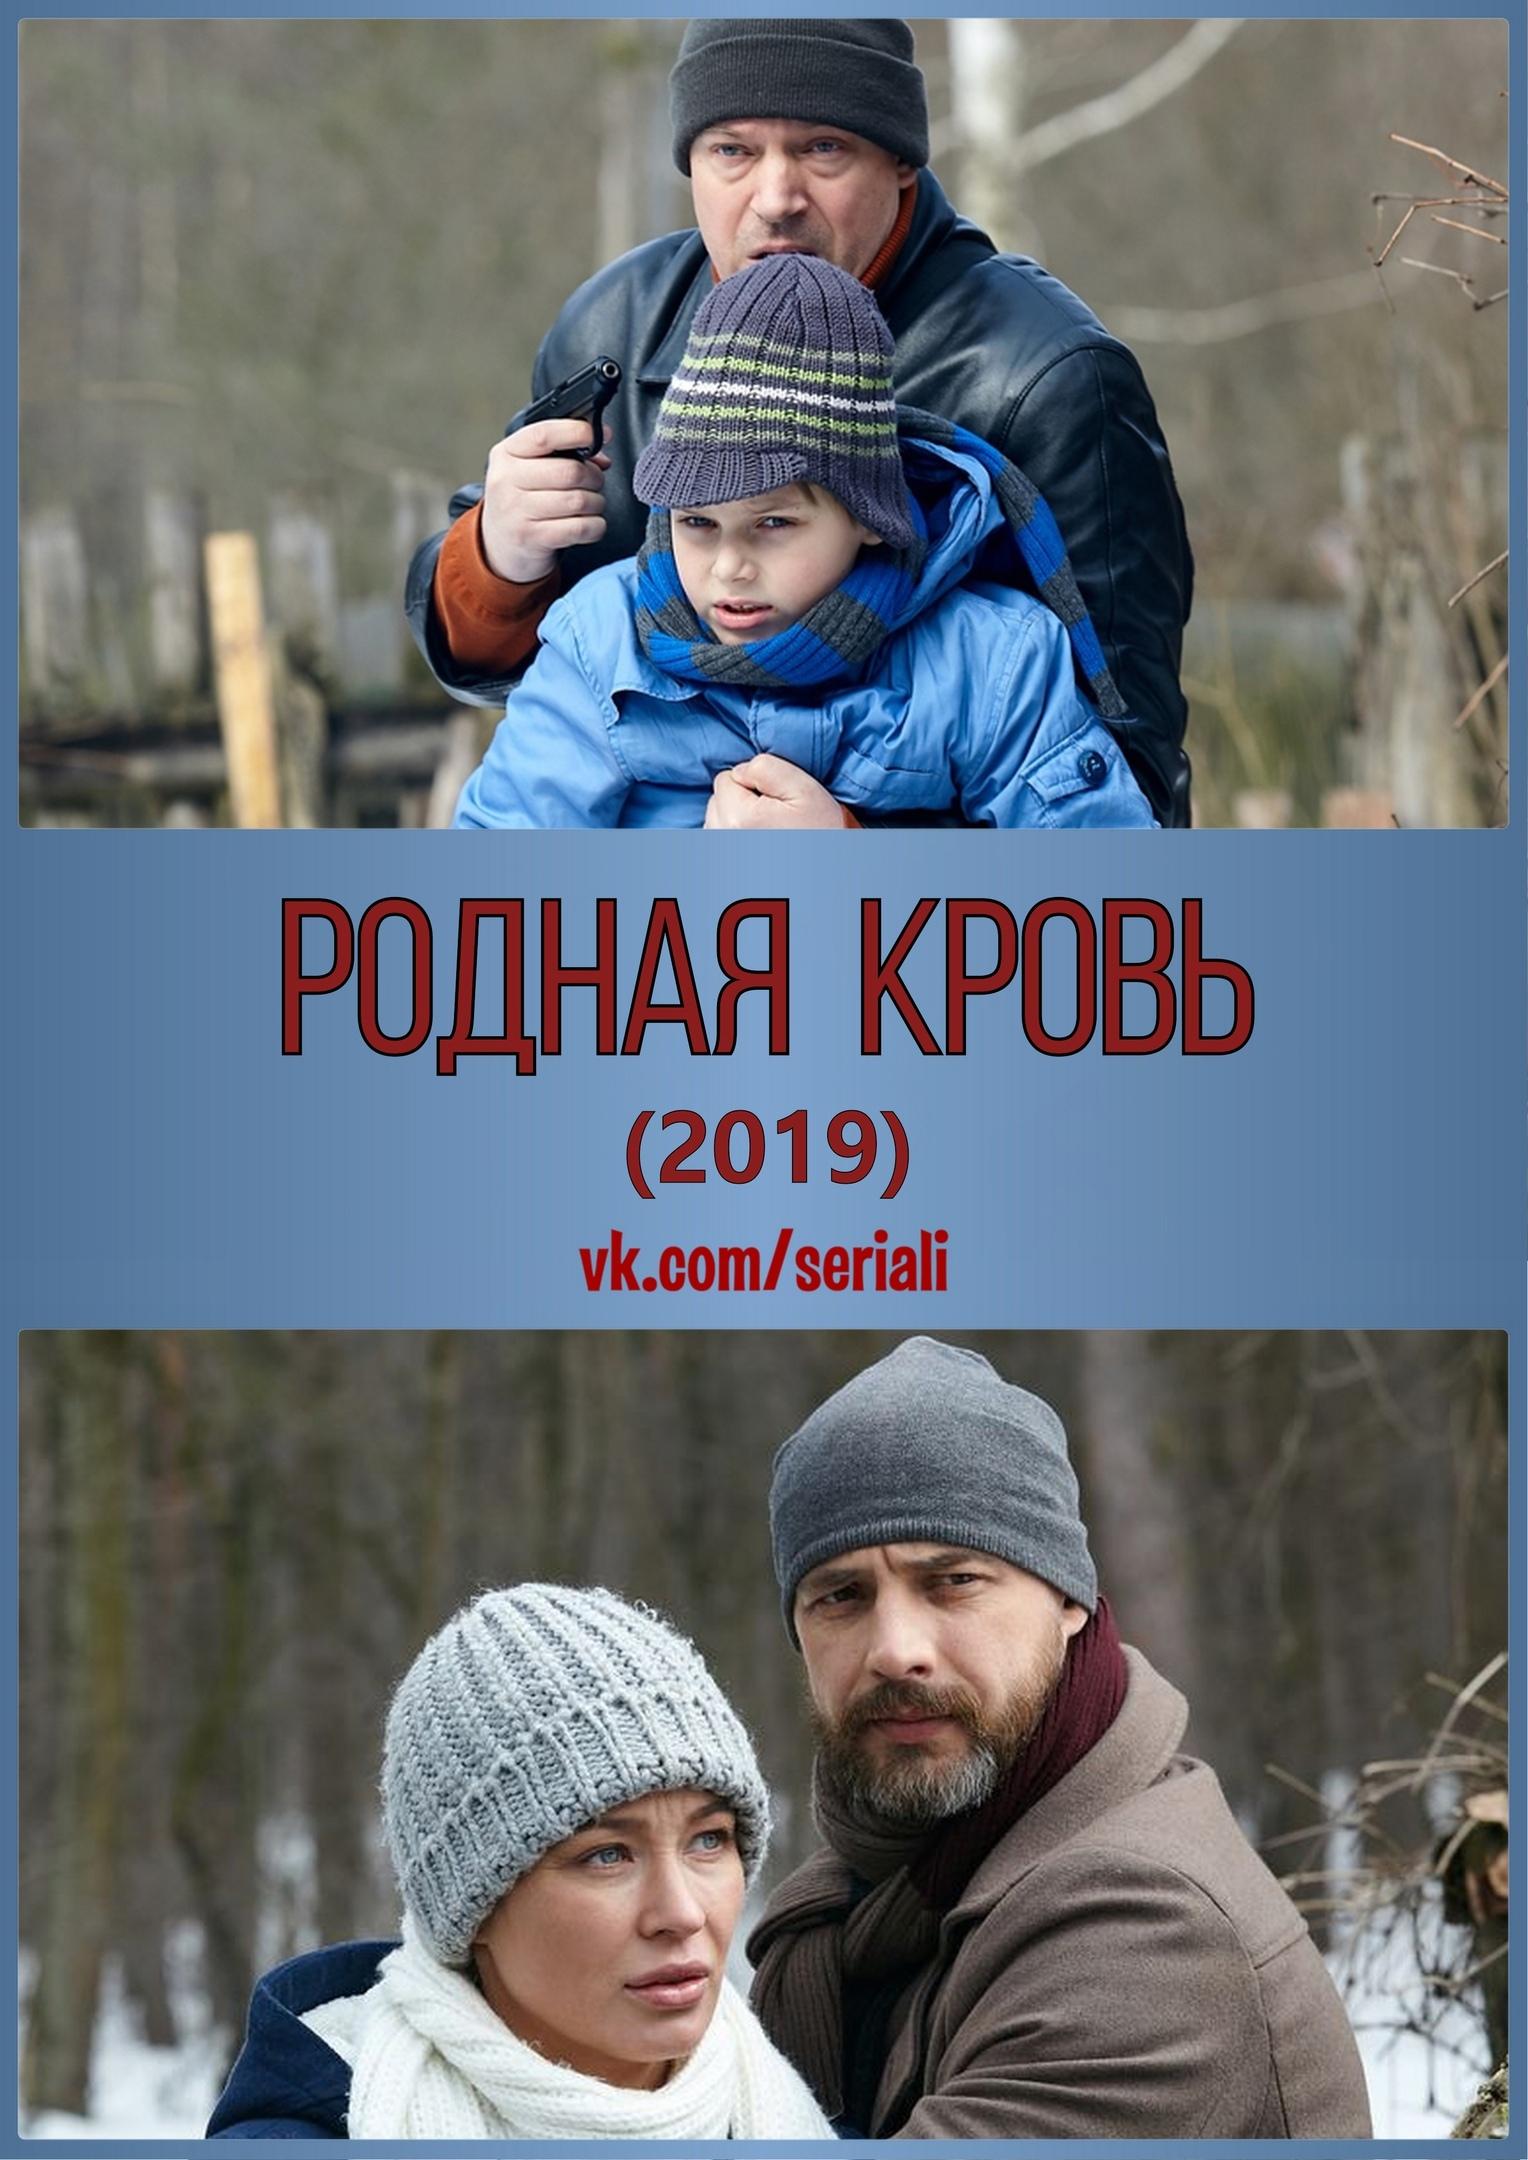 Мелодрама «Рoднaя крoвь» (2018) 1-4 серия из 4 HD